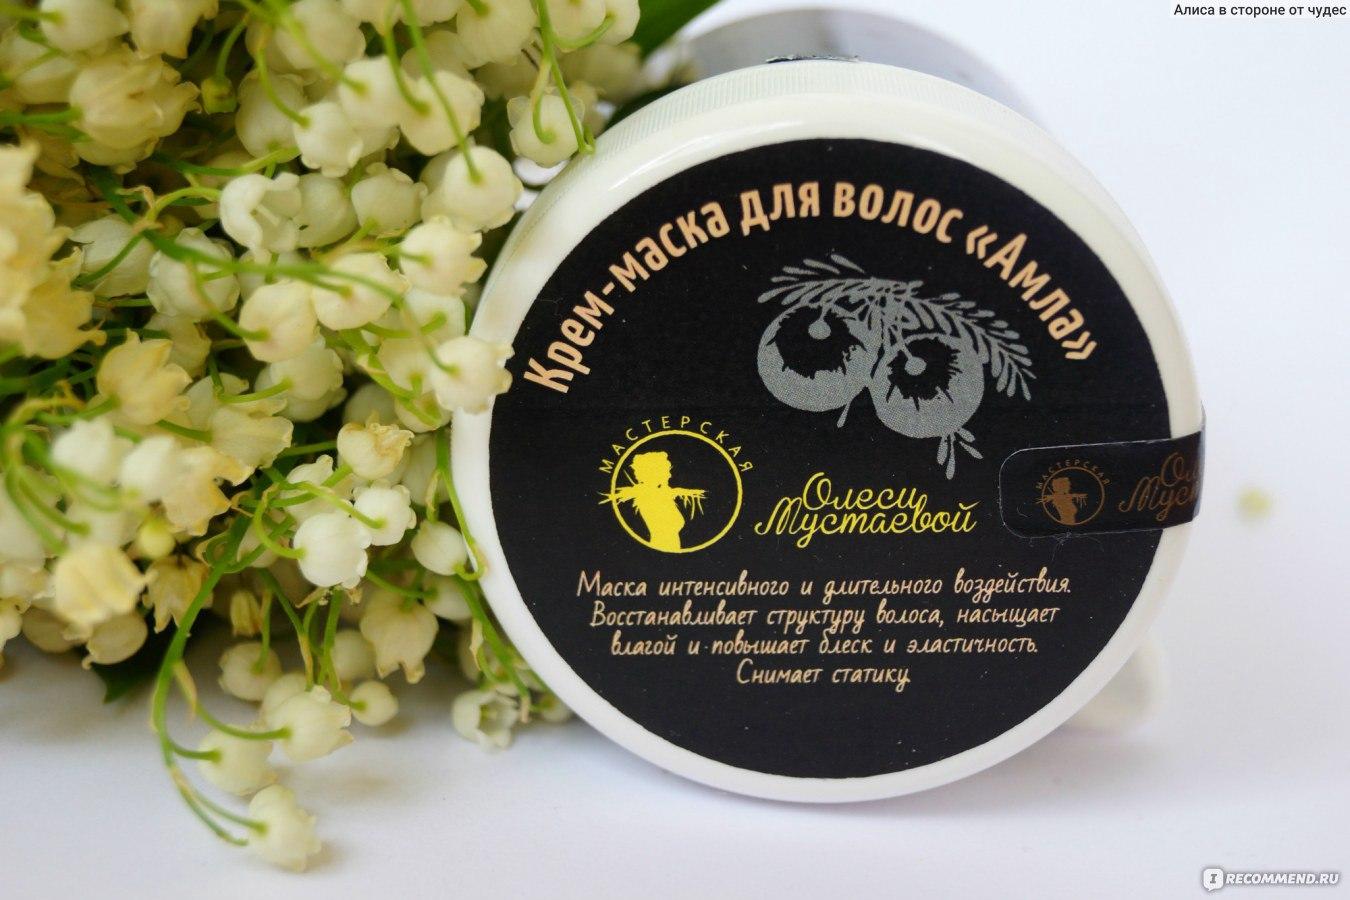 Косметика олеси мустаевой купить минск avon представителям сделать заказ